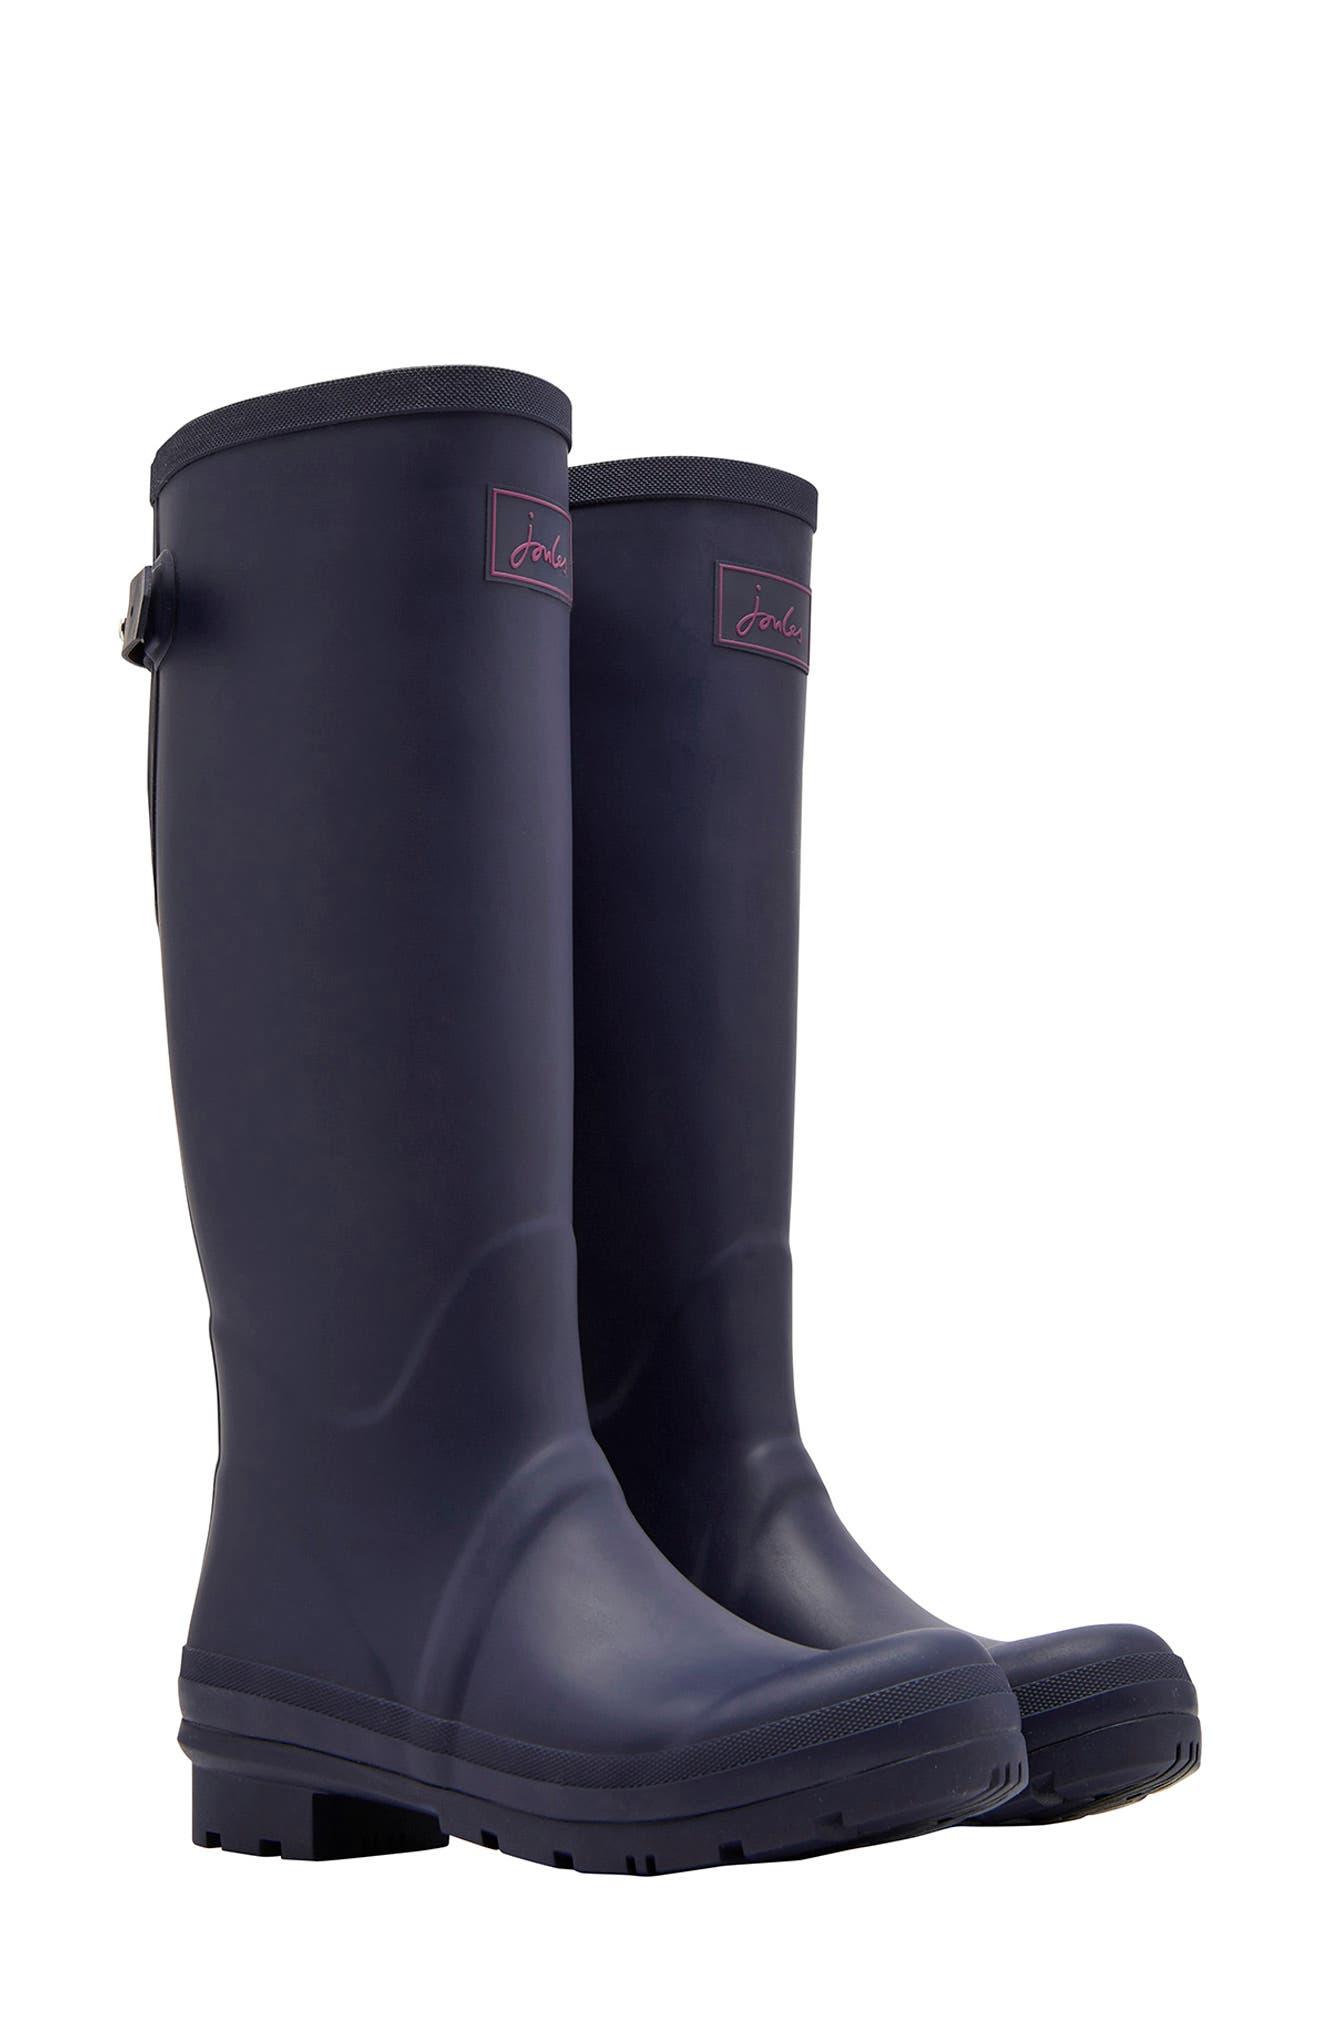 Field Welly Waterproof Rain Boot